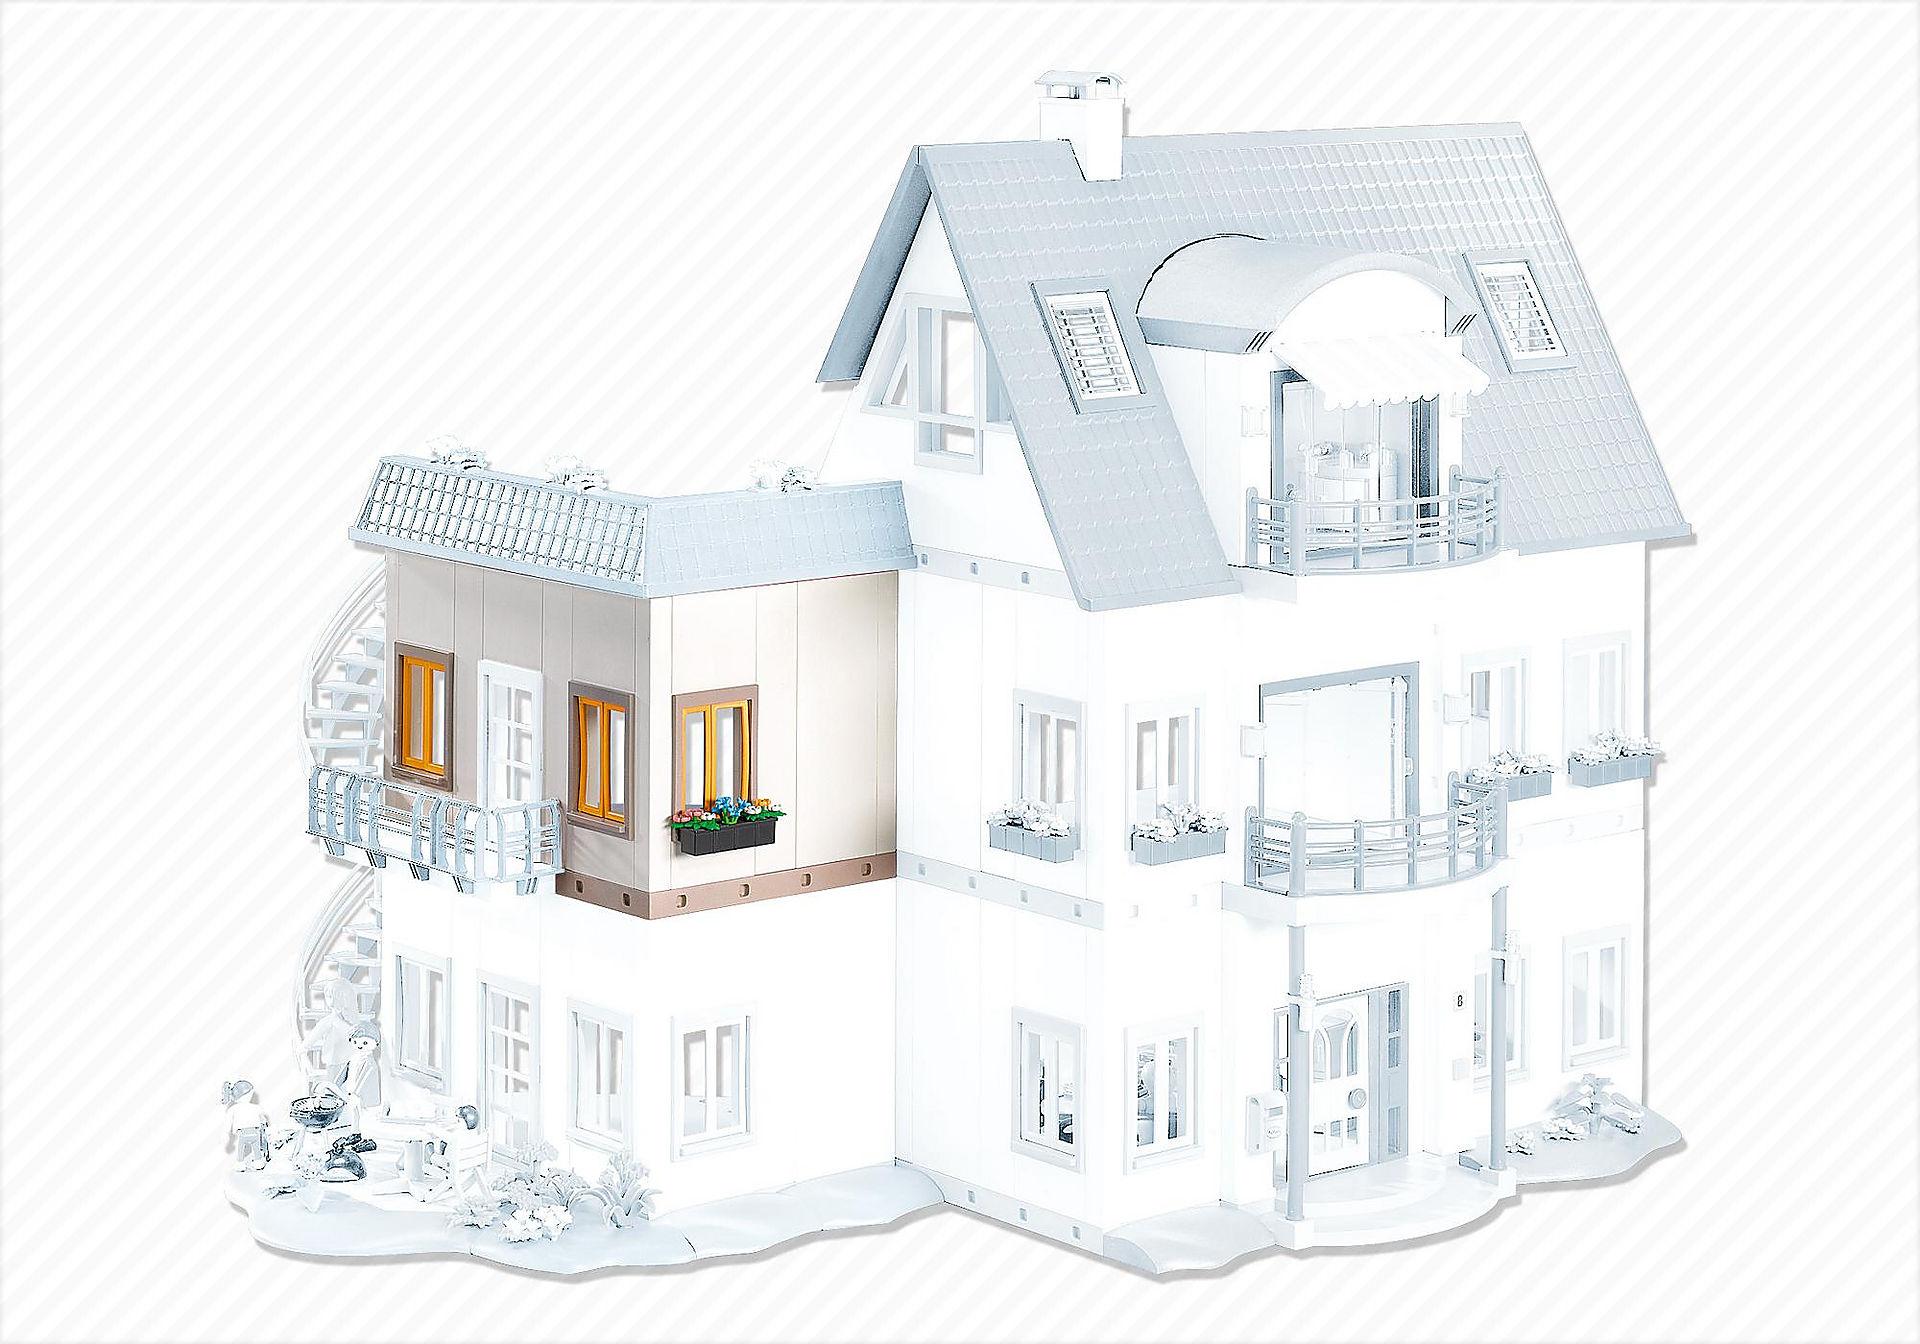 7389 Etage supplémentaire pour Villa moderne C art. 4279 zoom image1